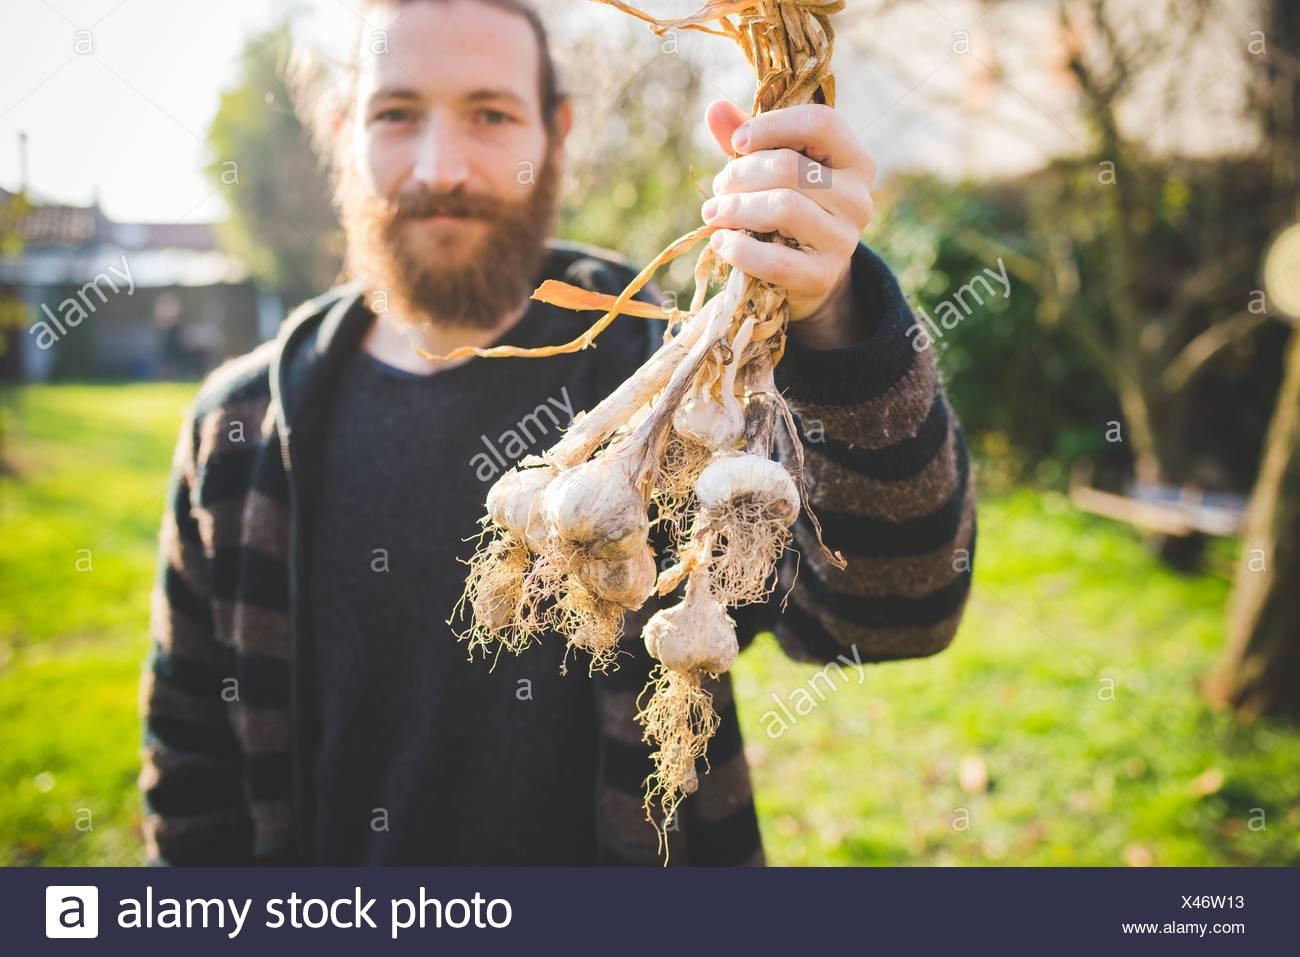 A mediados barbudo hombre adulto en el jardín la celebración recién elegido bulbos de ajo mirando a la cámara sonriendo Imagen De Stock